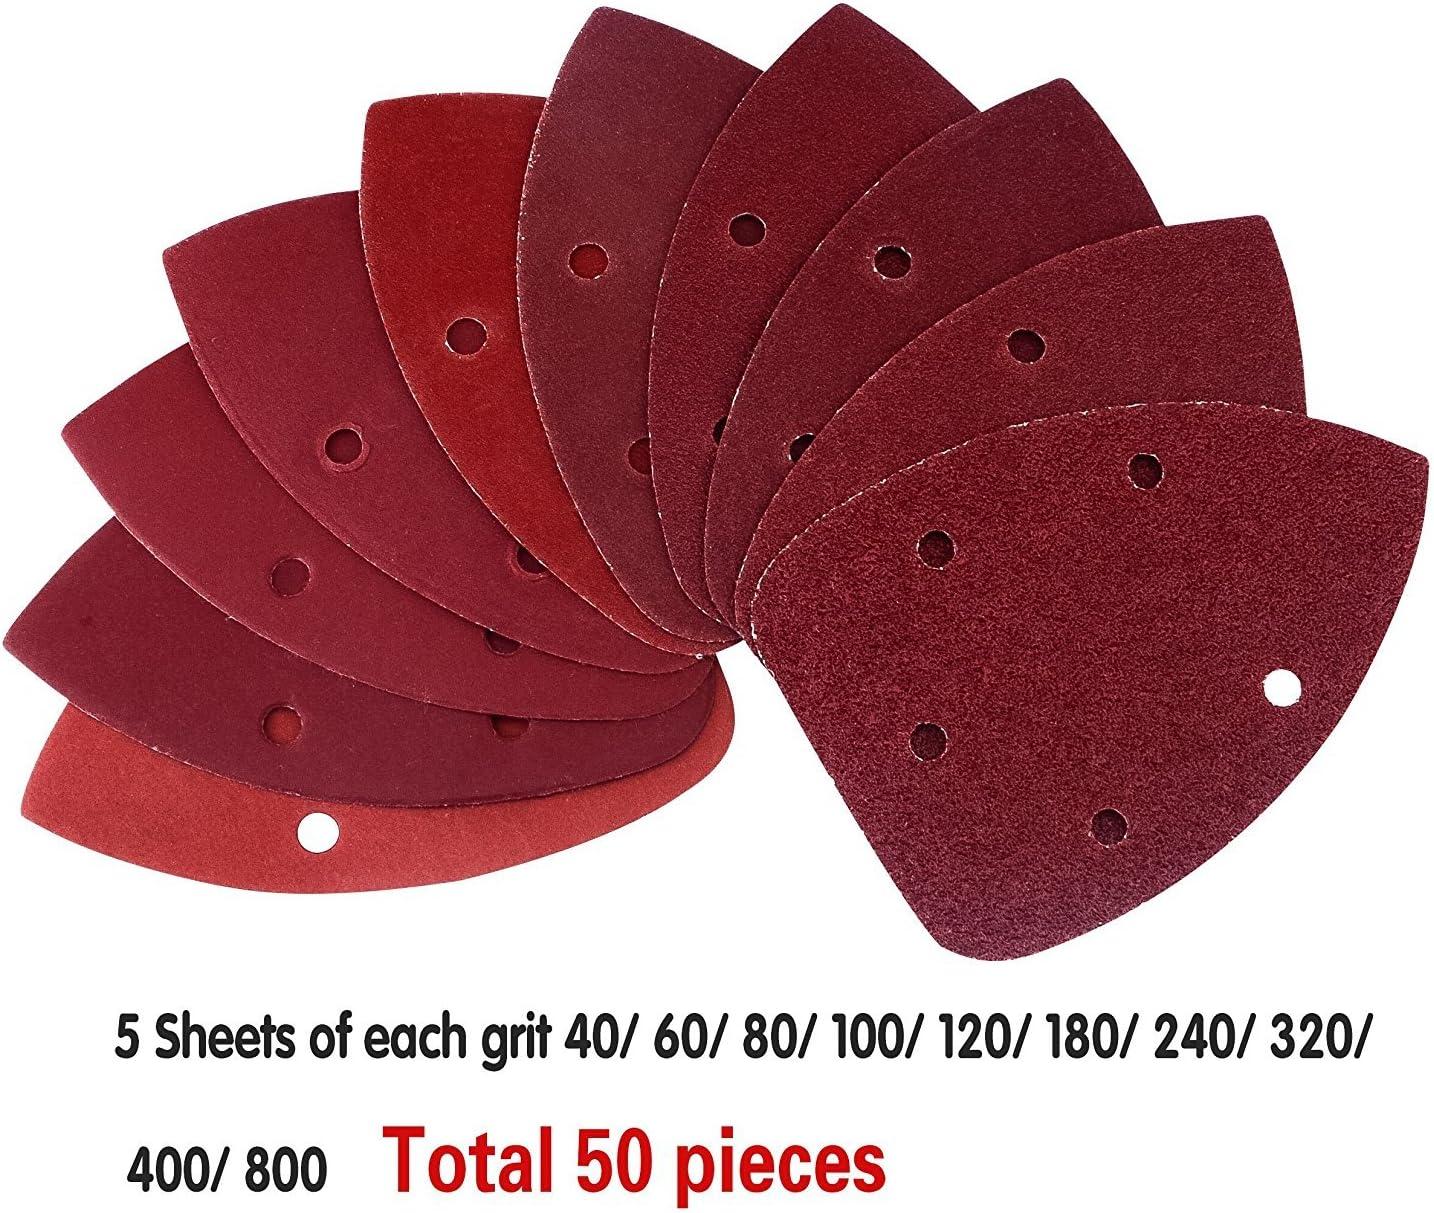 40 souris Feuilles abrasives pour Black et Decker Détail Palm Sander tous grades